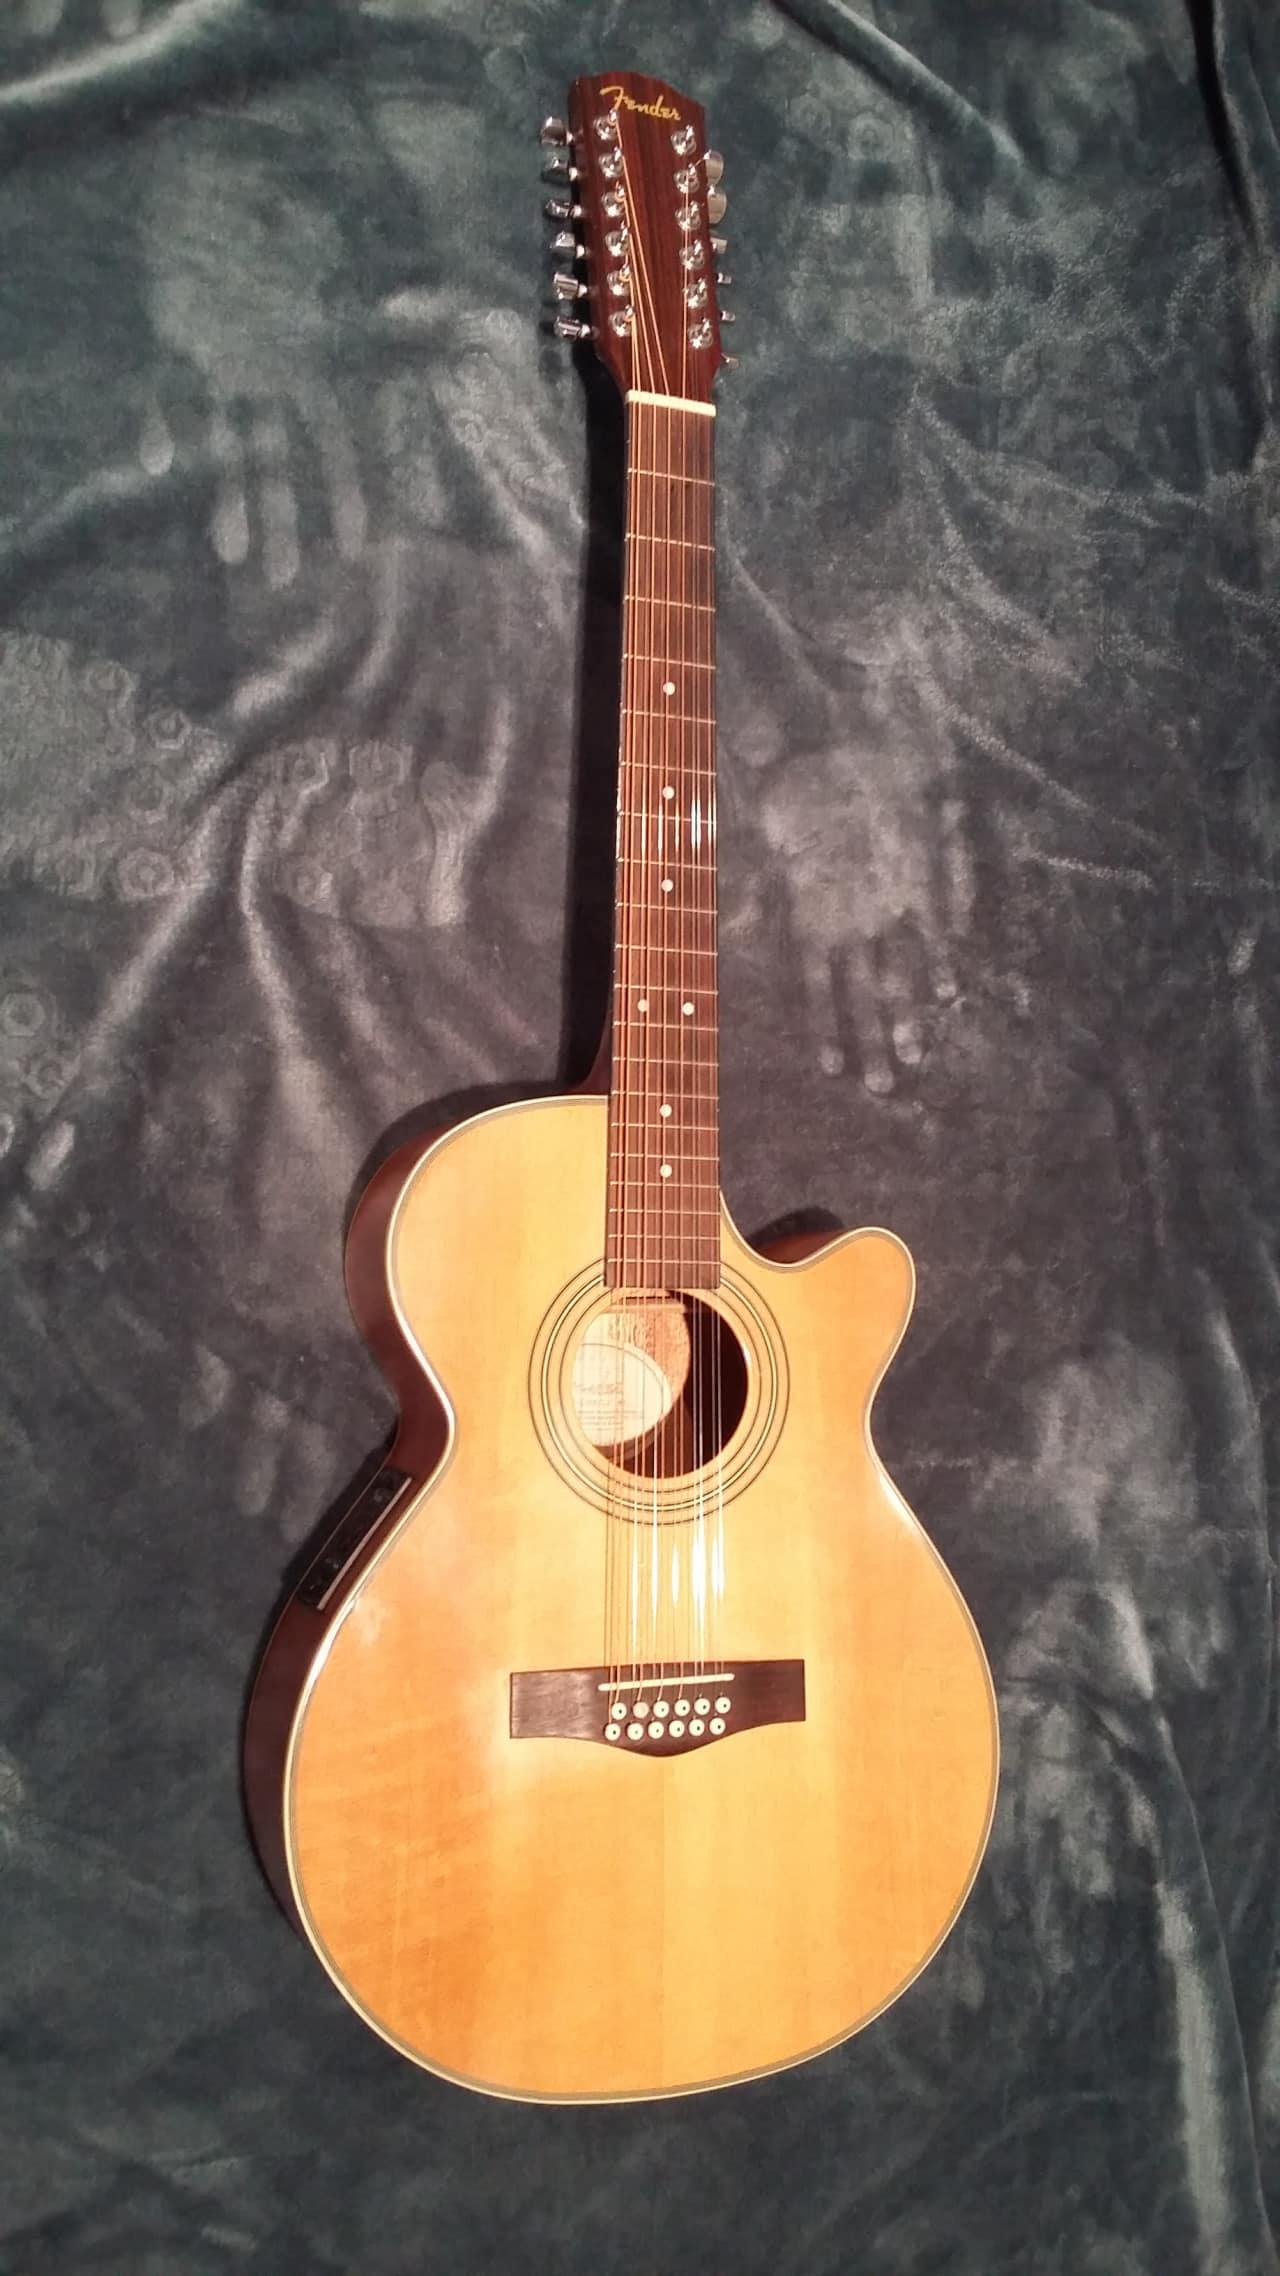 fender jg12ce 12 12 string acoustic electric guitar reverb. Black Bedroom Furniture Sets. Home Design Ideas